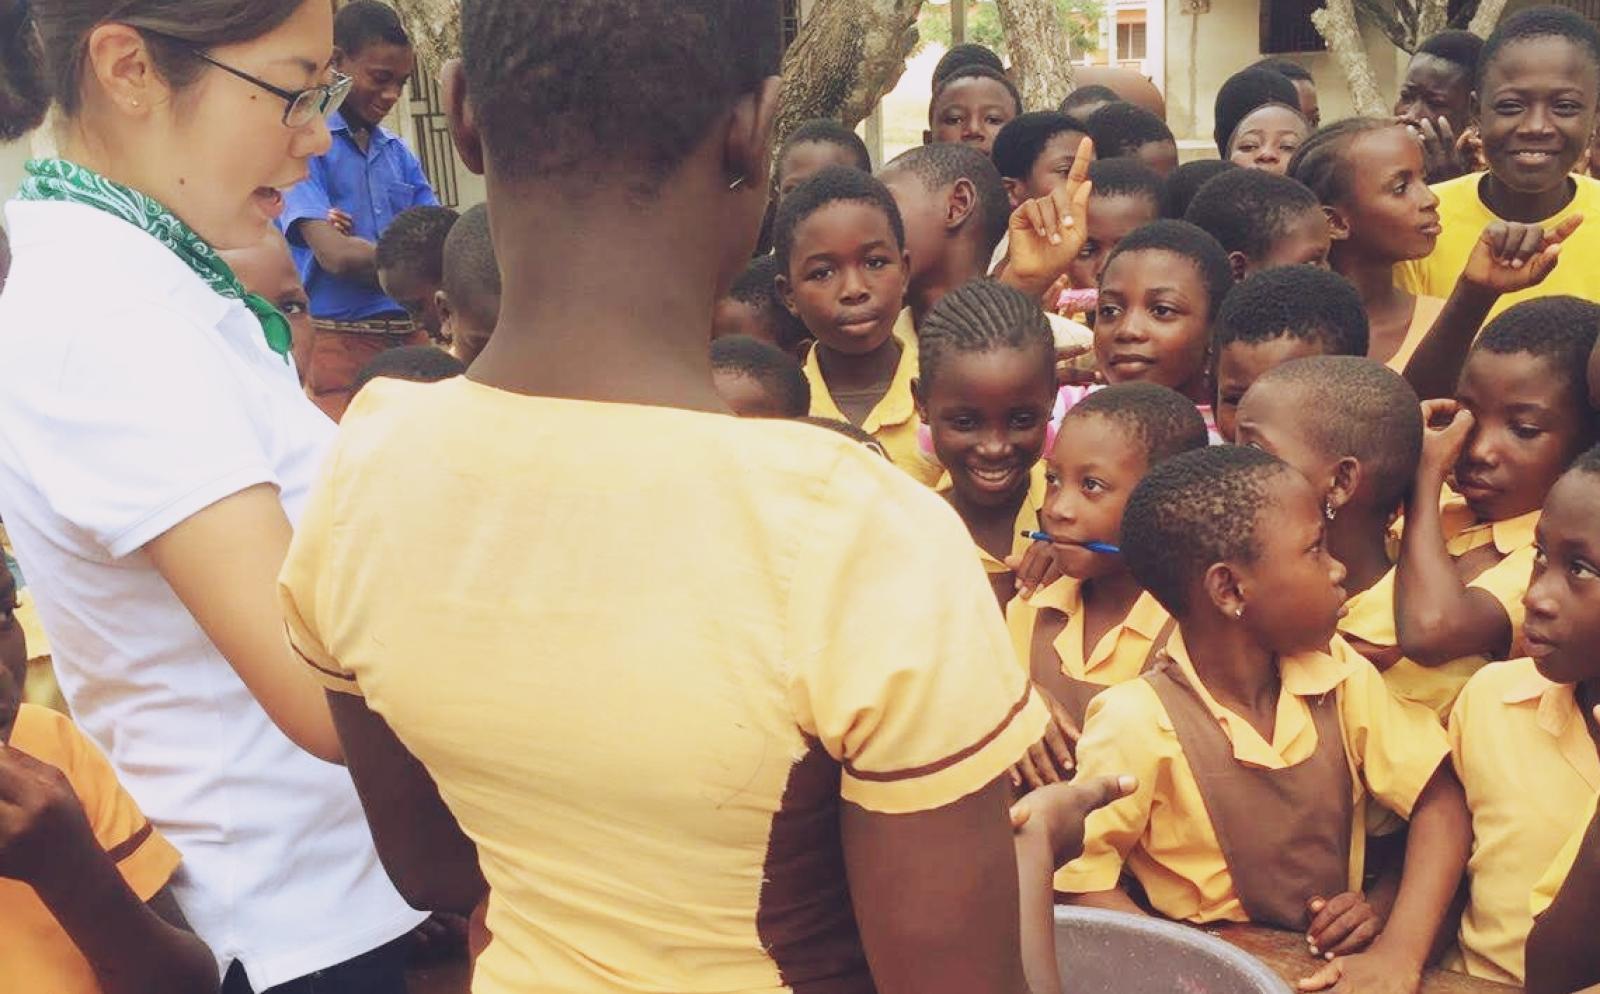 ガーナの学校で公衆衛生活動に努めるインターンR.H.さん